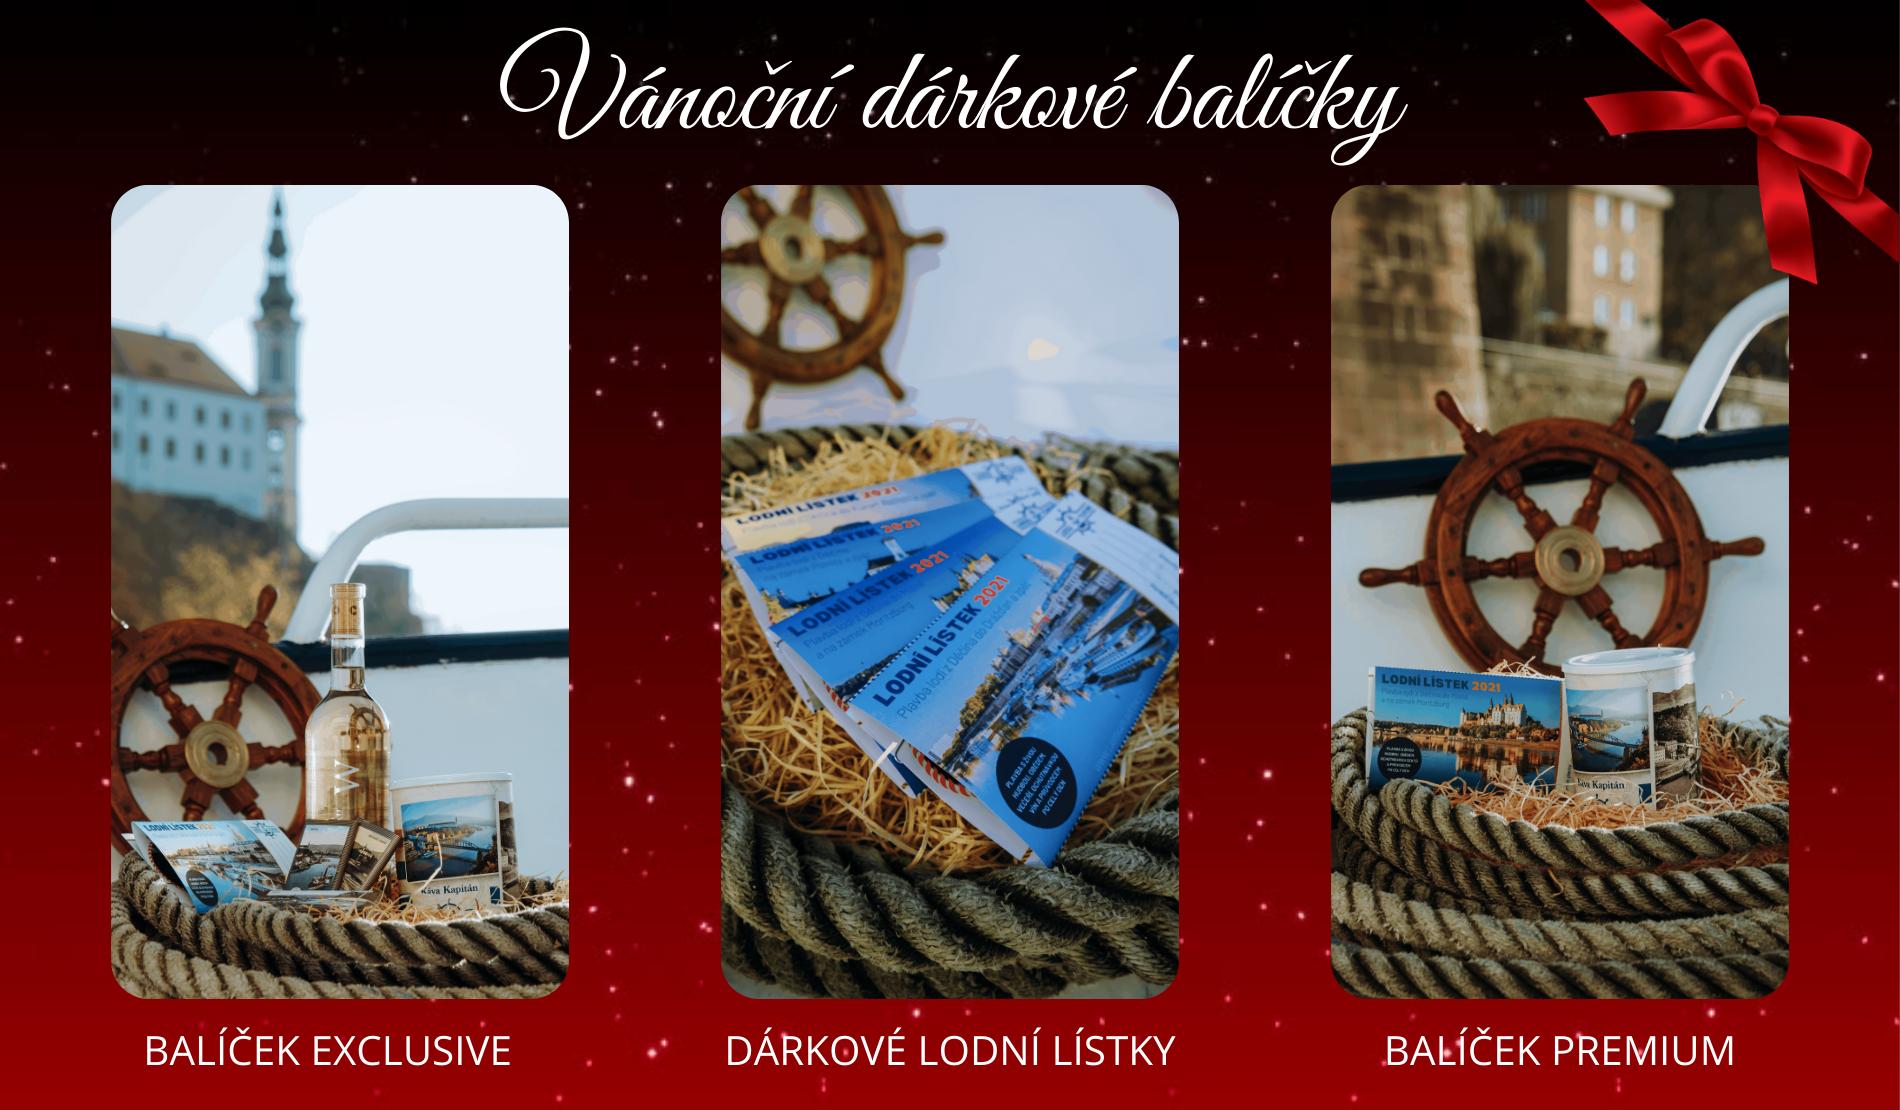 Vánoční dárkové balíčky Premium, Exclusive a dárkové lodní lístky